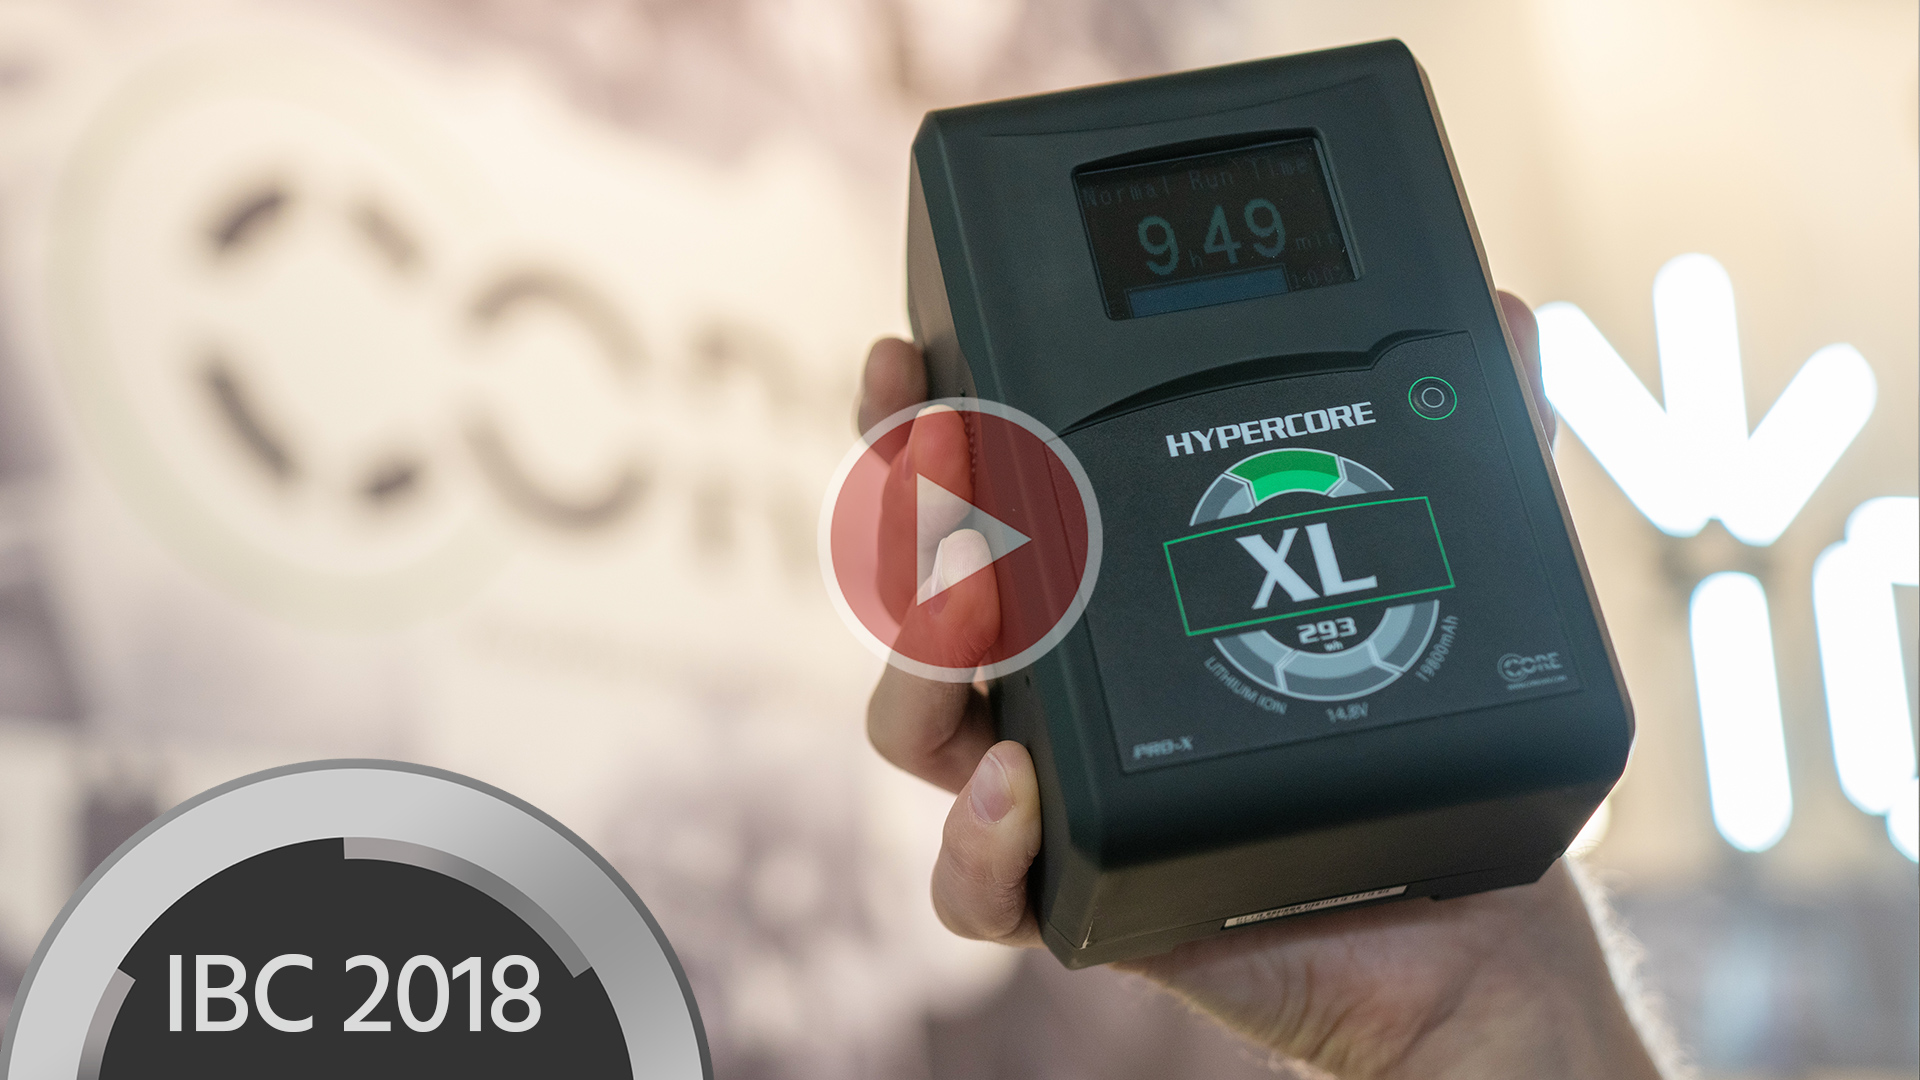 CORE SWXがHypercore XLを発表 - 多機能バッテリーパック